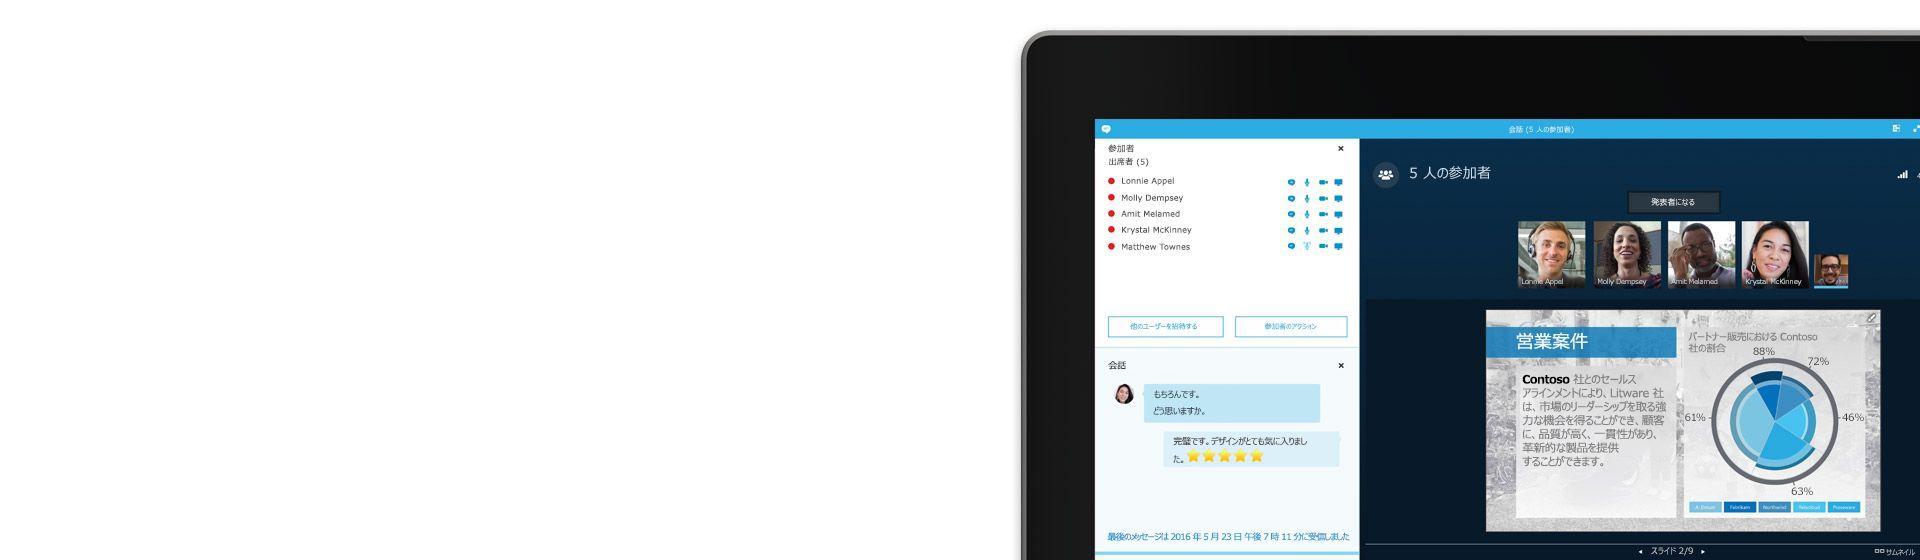 ノート PC の画面の一角に進行中の Skype for Business 会議と参加者の一覧が表示されています